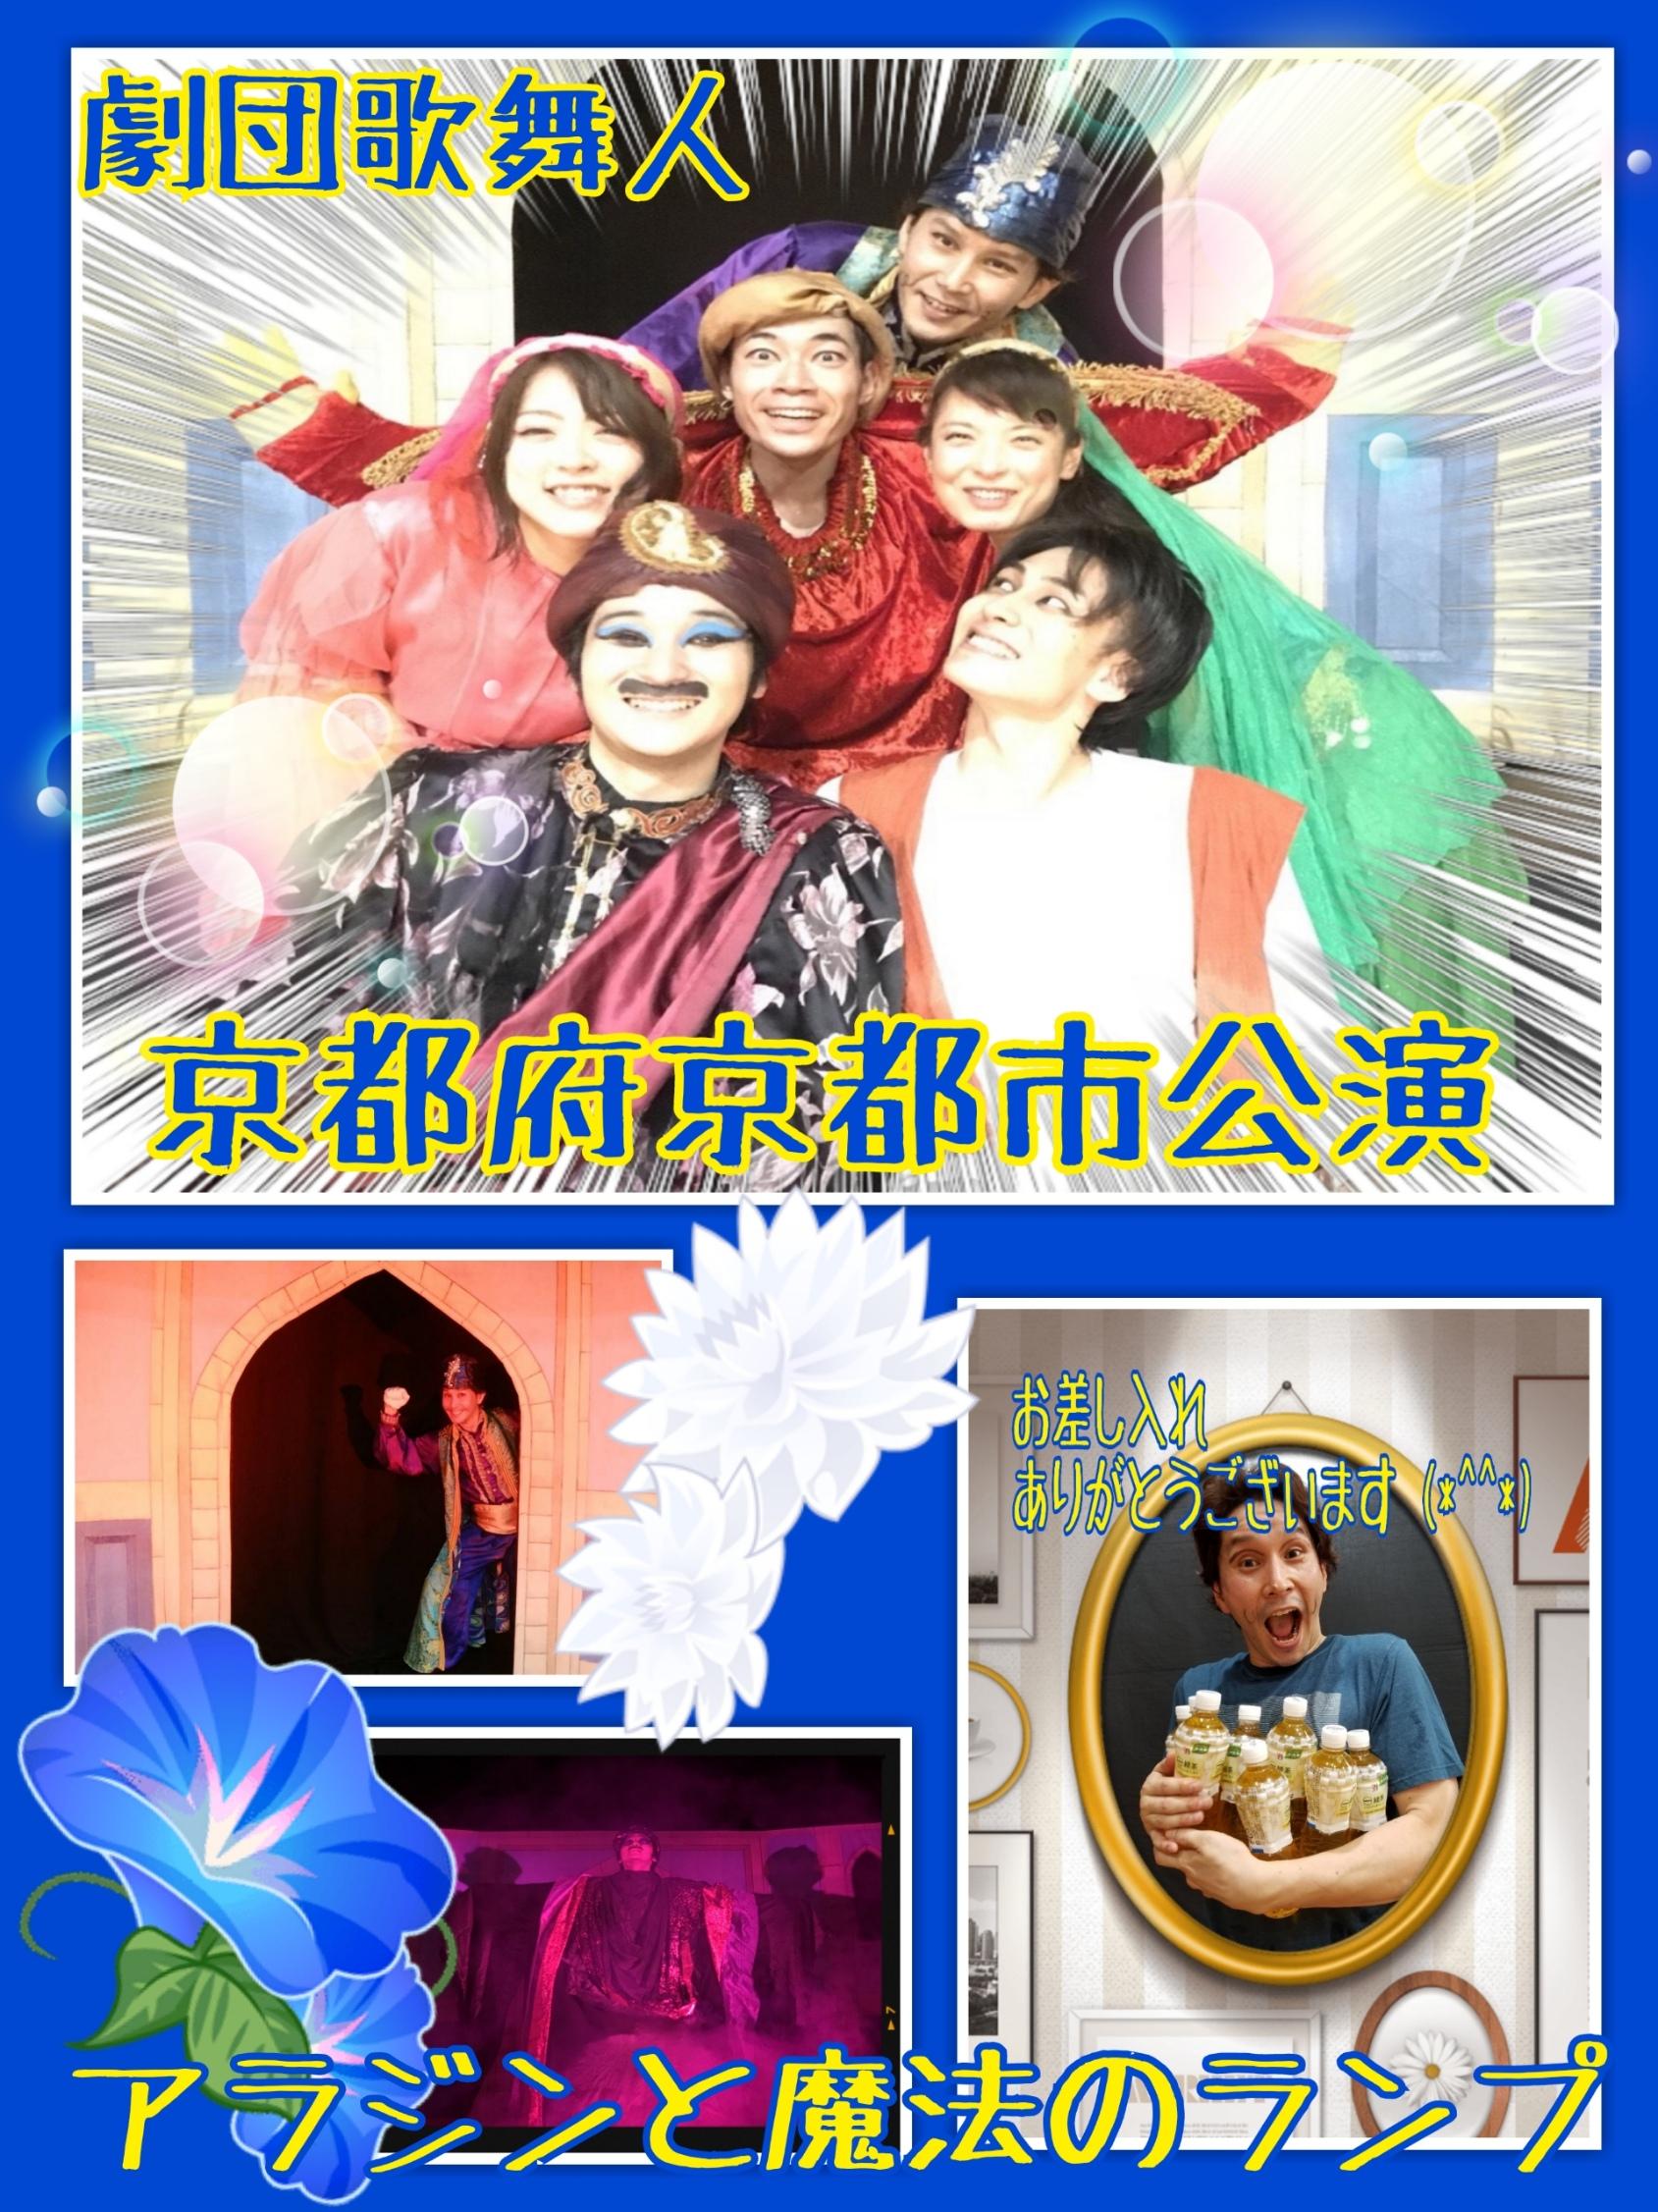 moblog_40160a8a.jpg